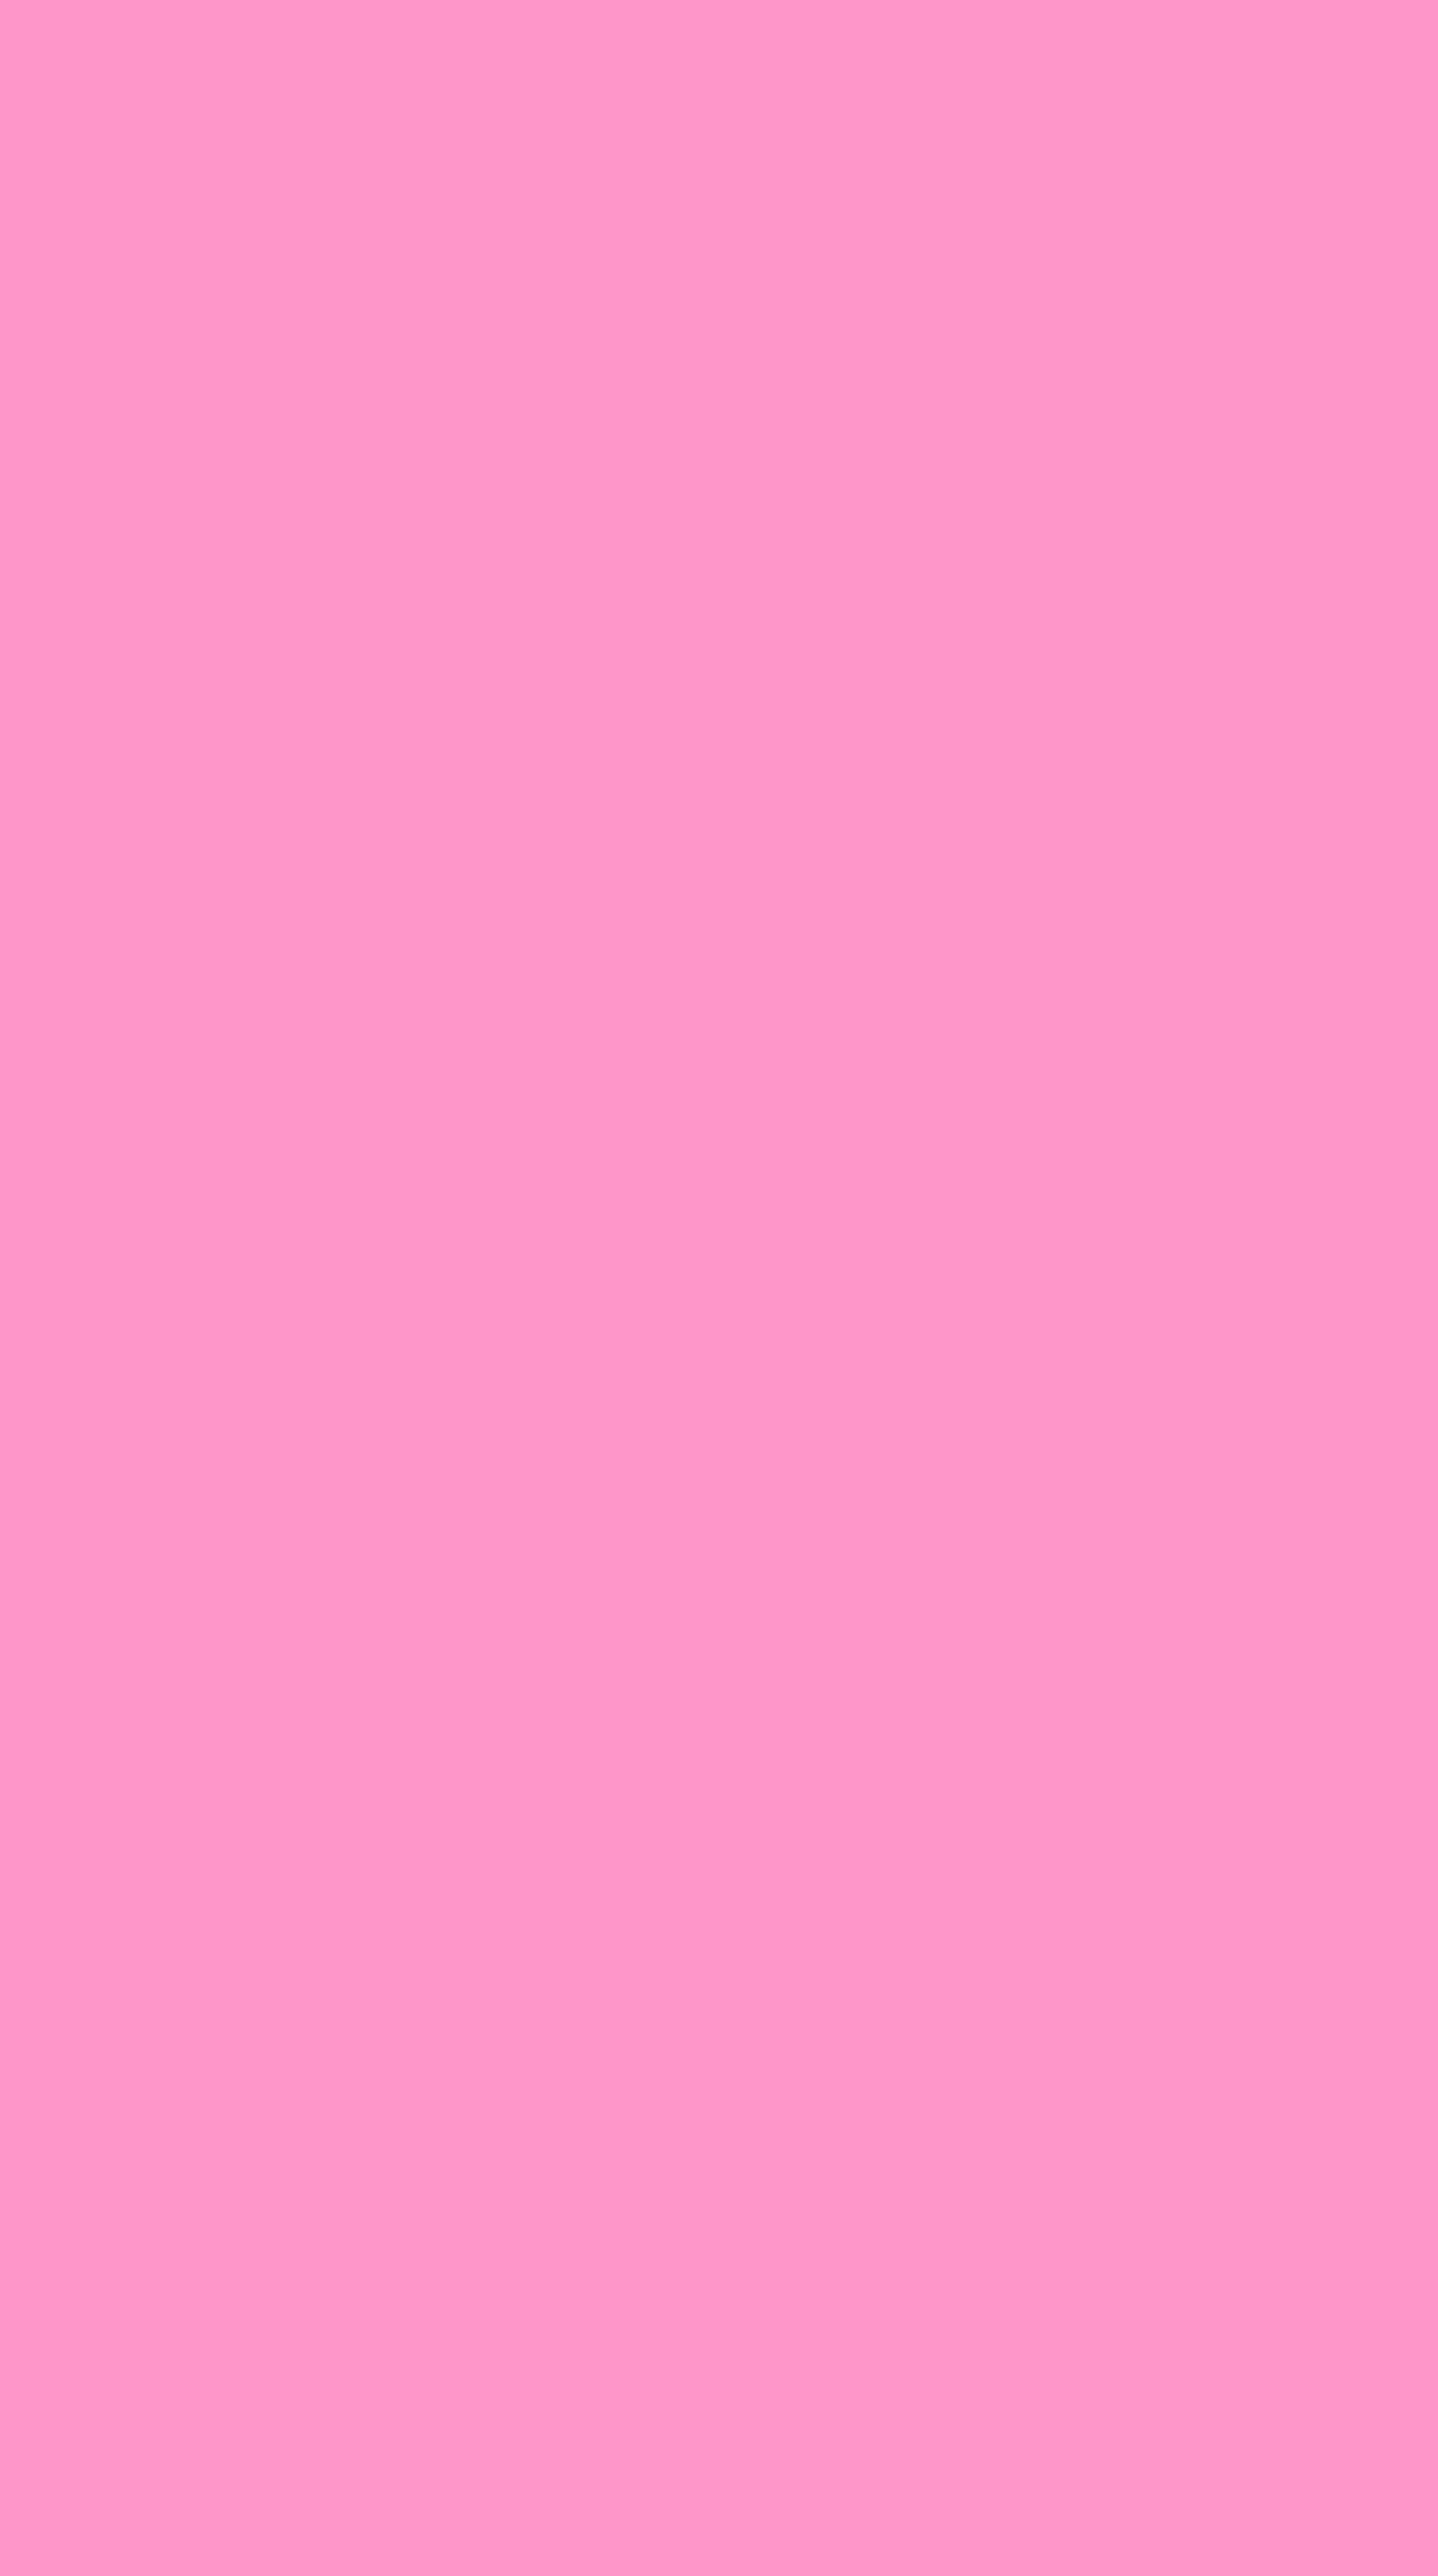 EcceMulier_ColorPalette-03.jpg